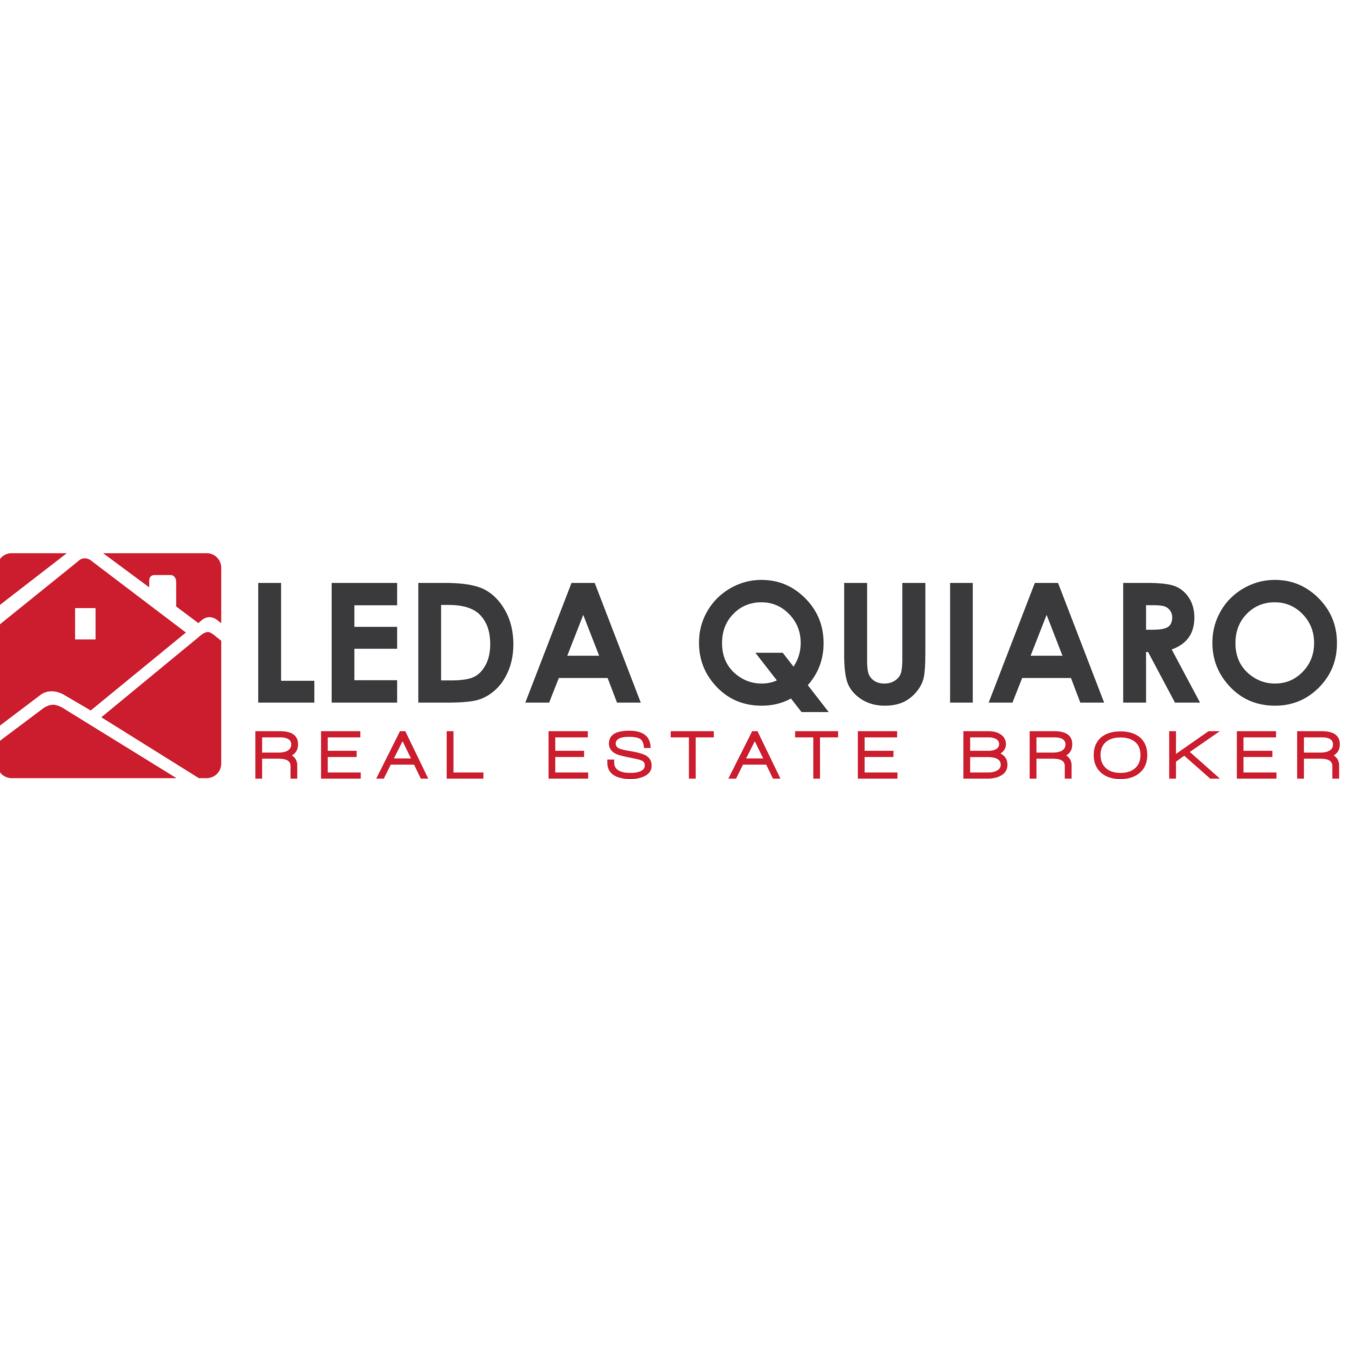 Leda Quiaro | Charles Rutenberg Realty - Naperville, IL - Real Estate Agents